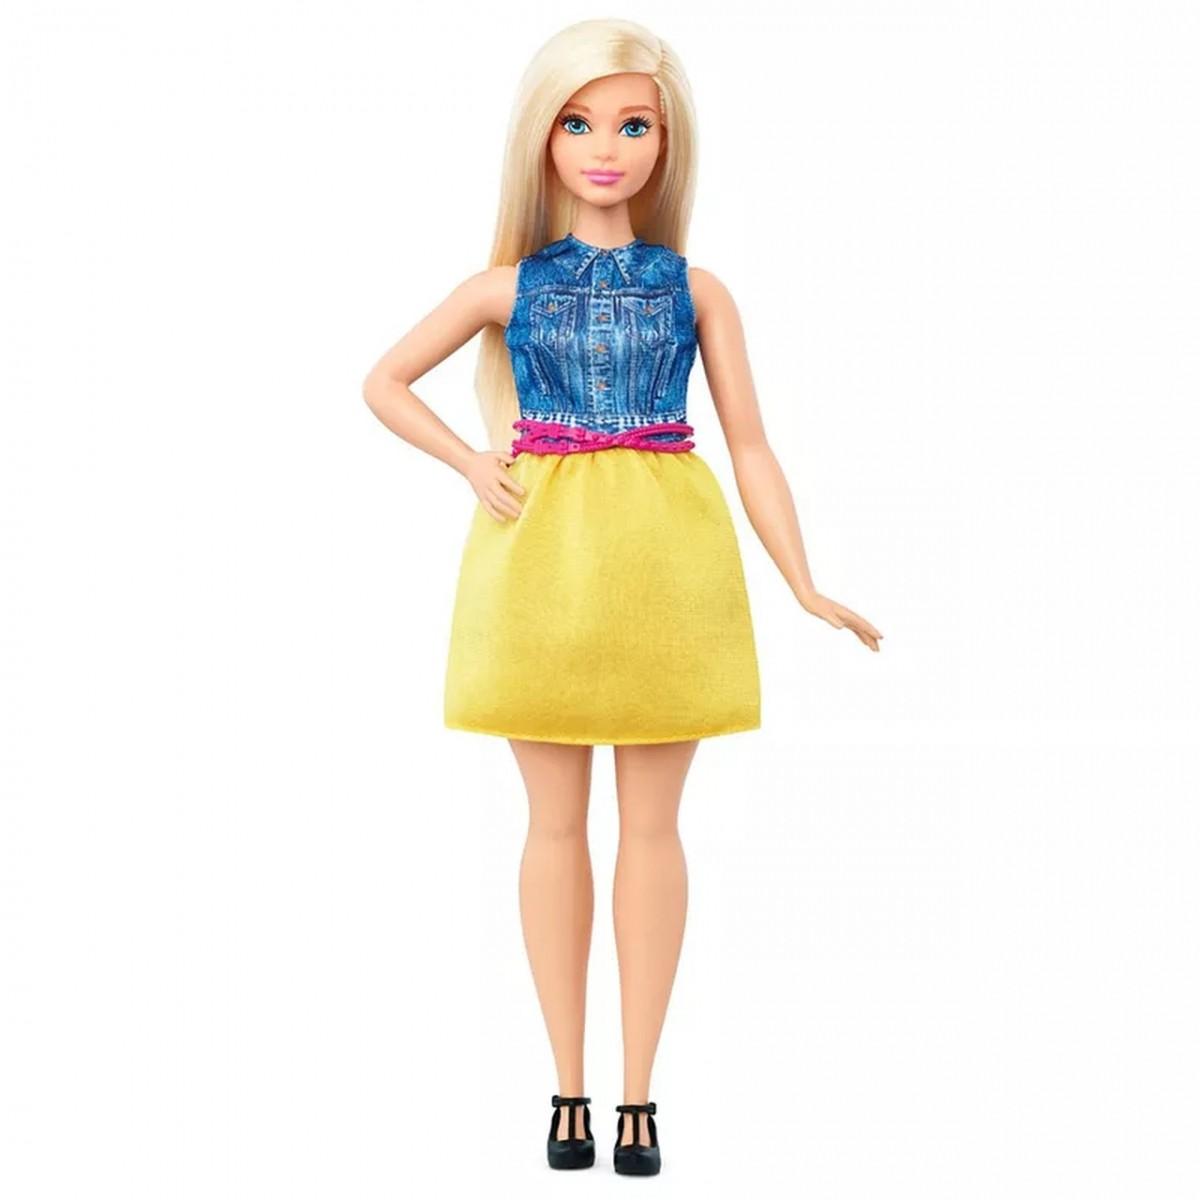 Boneca Barbie Fashionista (Loira de Vestido Azul e Amarelo)